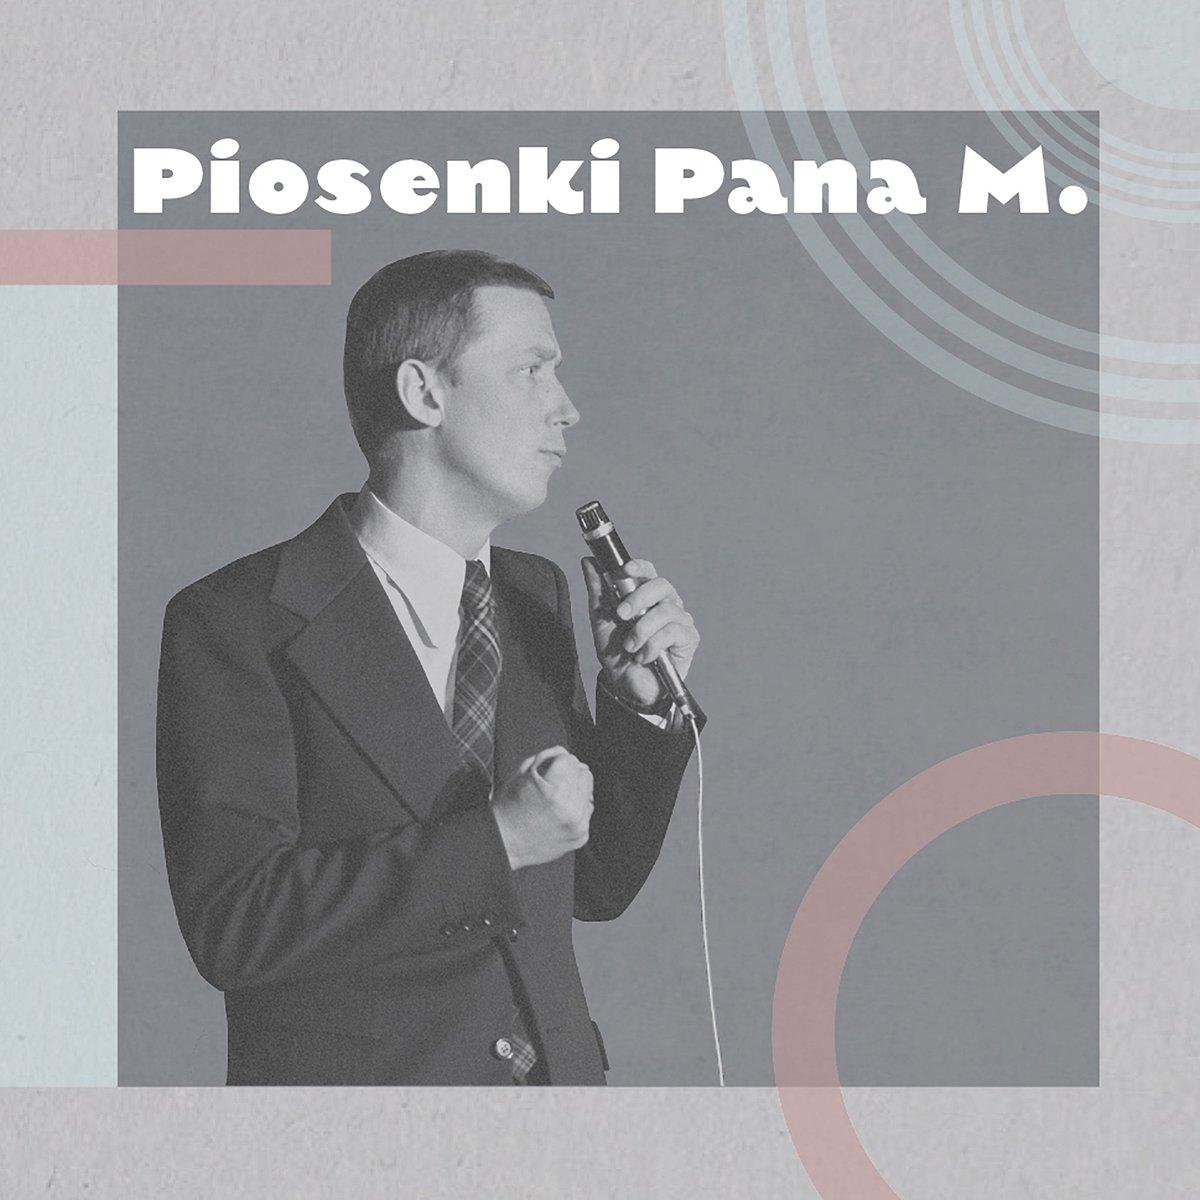 Piosenki Pana M.